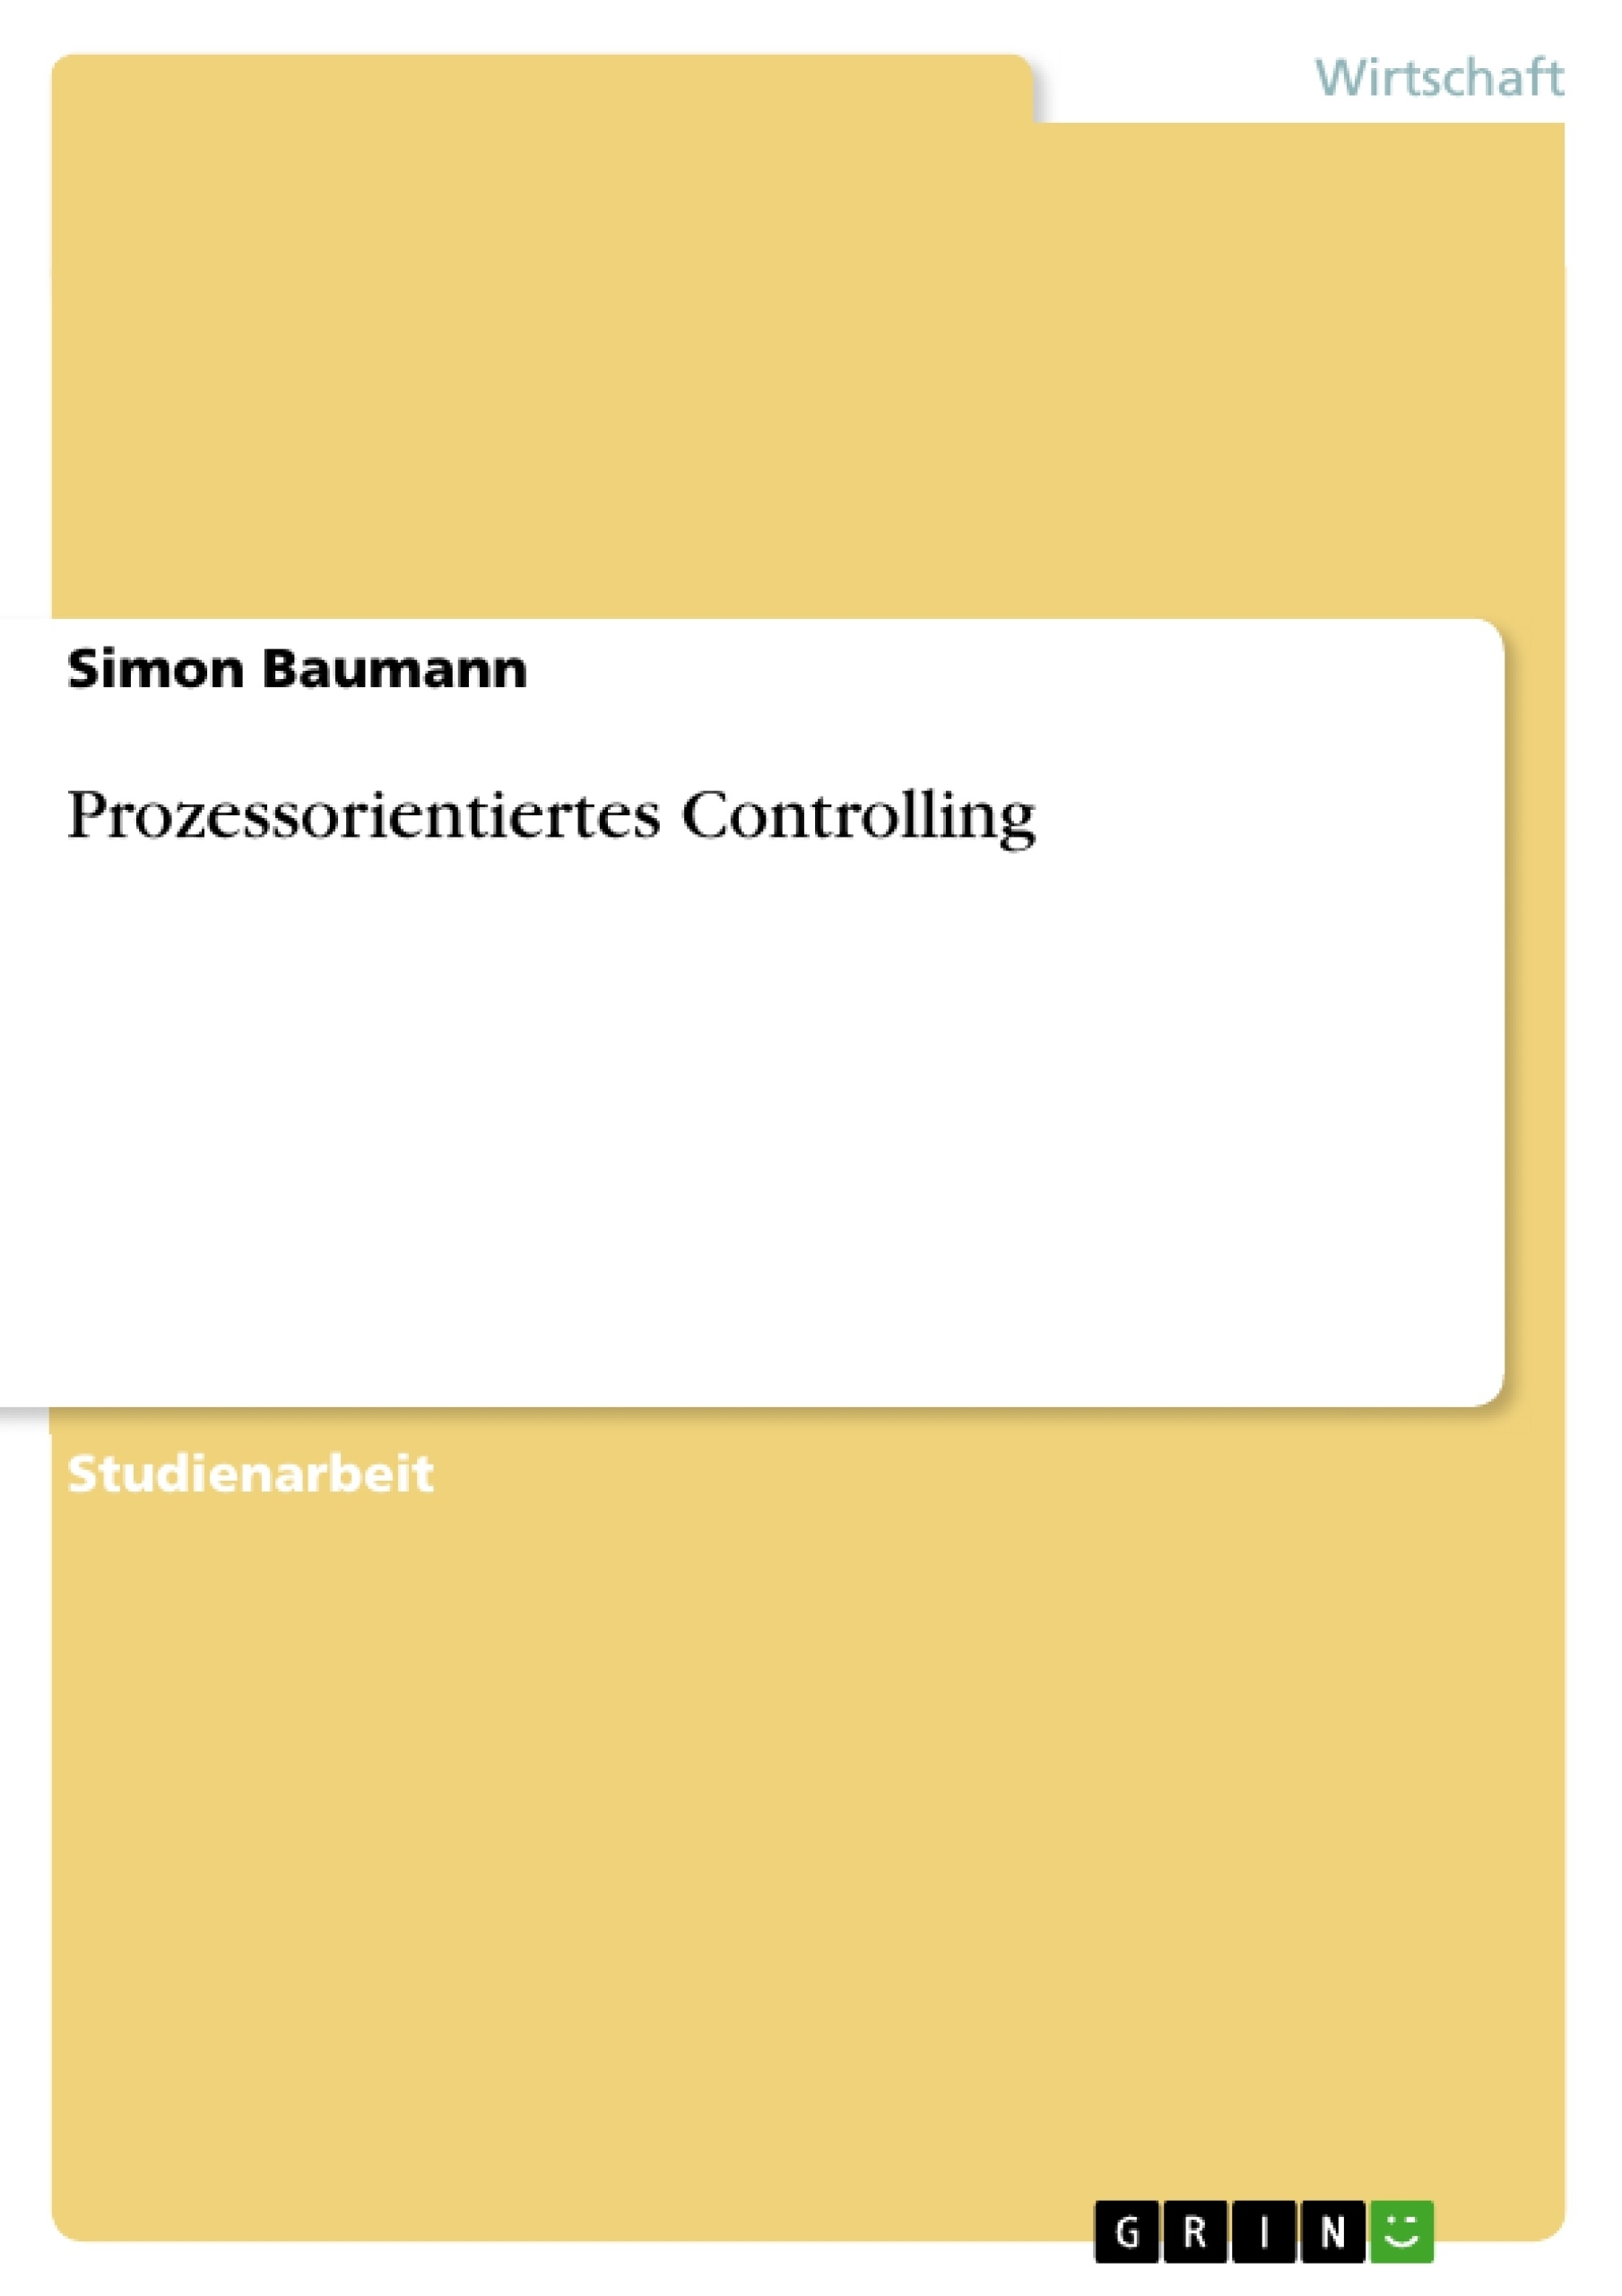 Titel: Prozessorientiertes Controlling